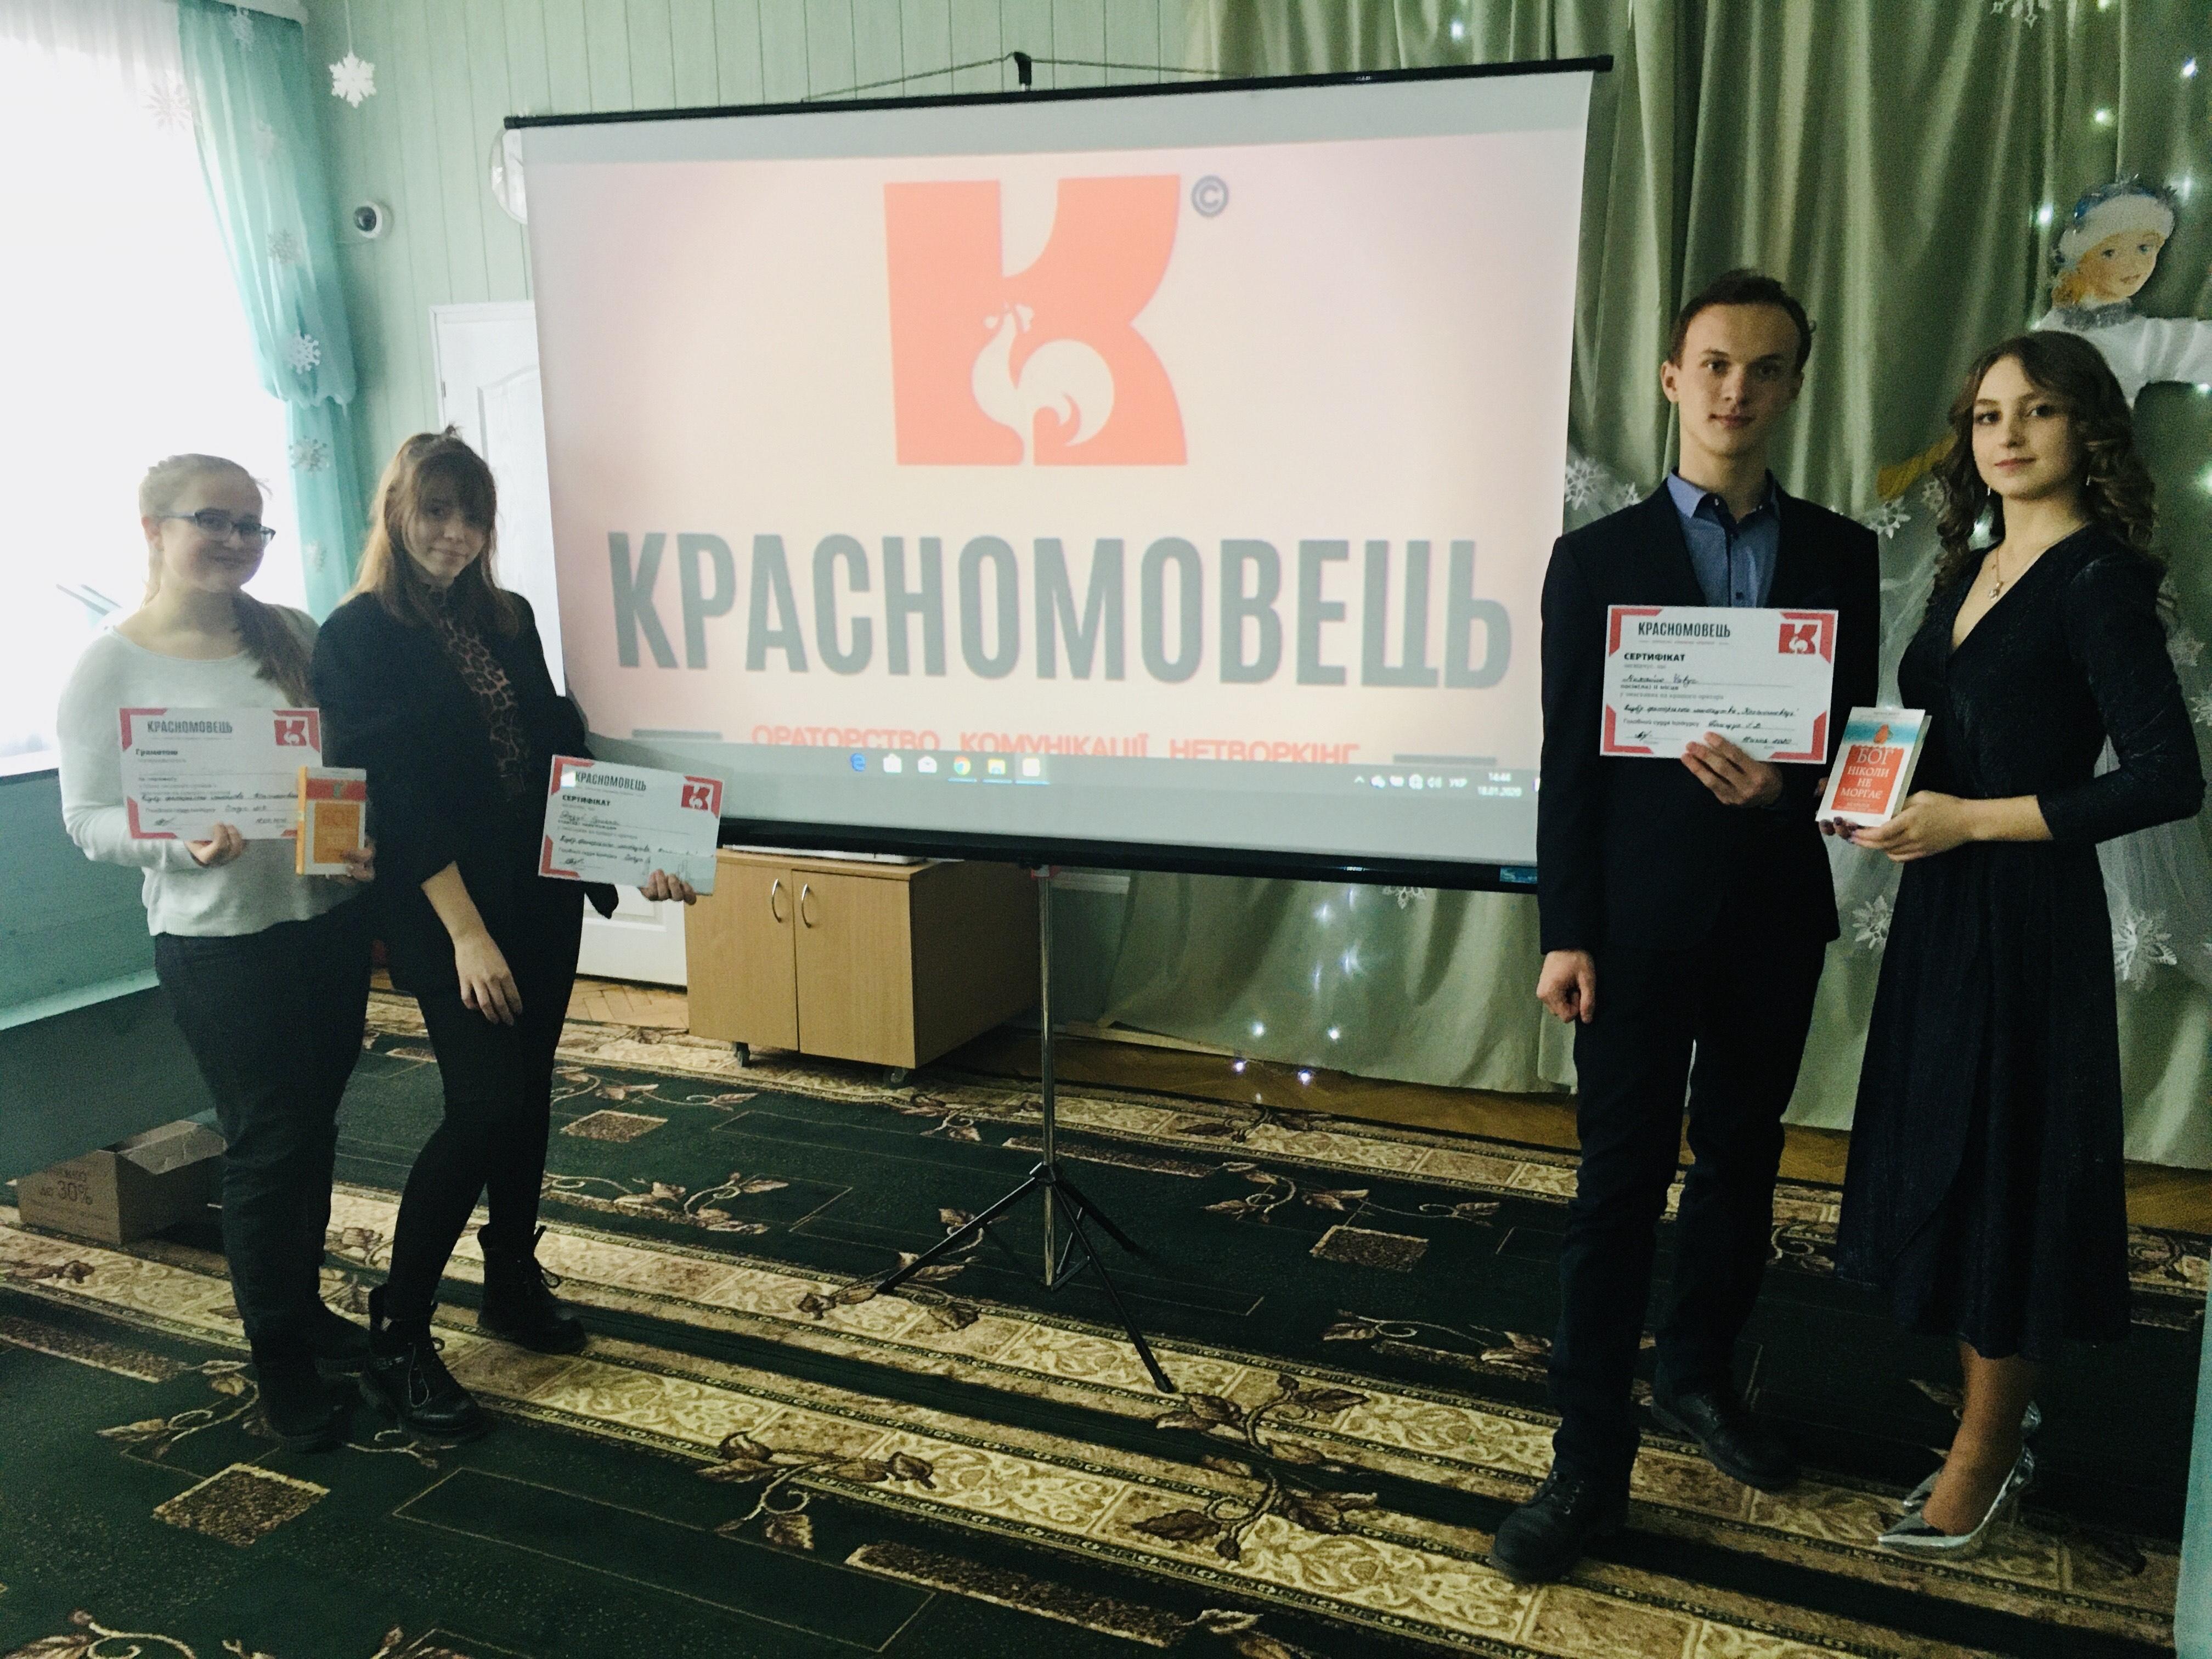 """У Ковелі презентували свої промови учасники клубу """"Красномовець"""""""